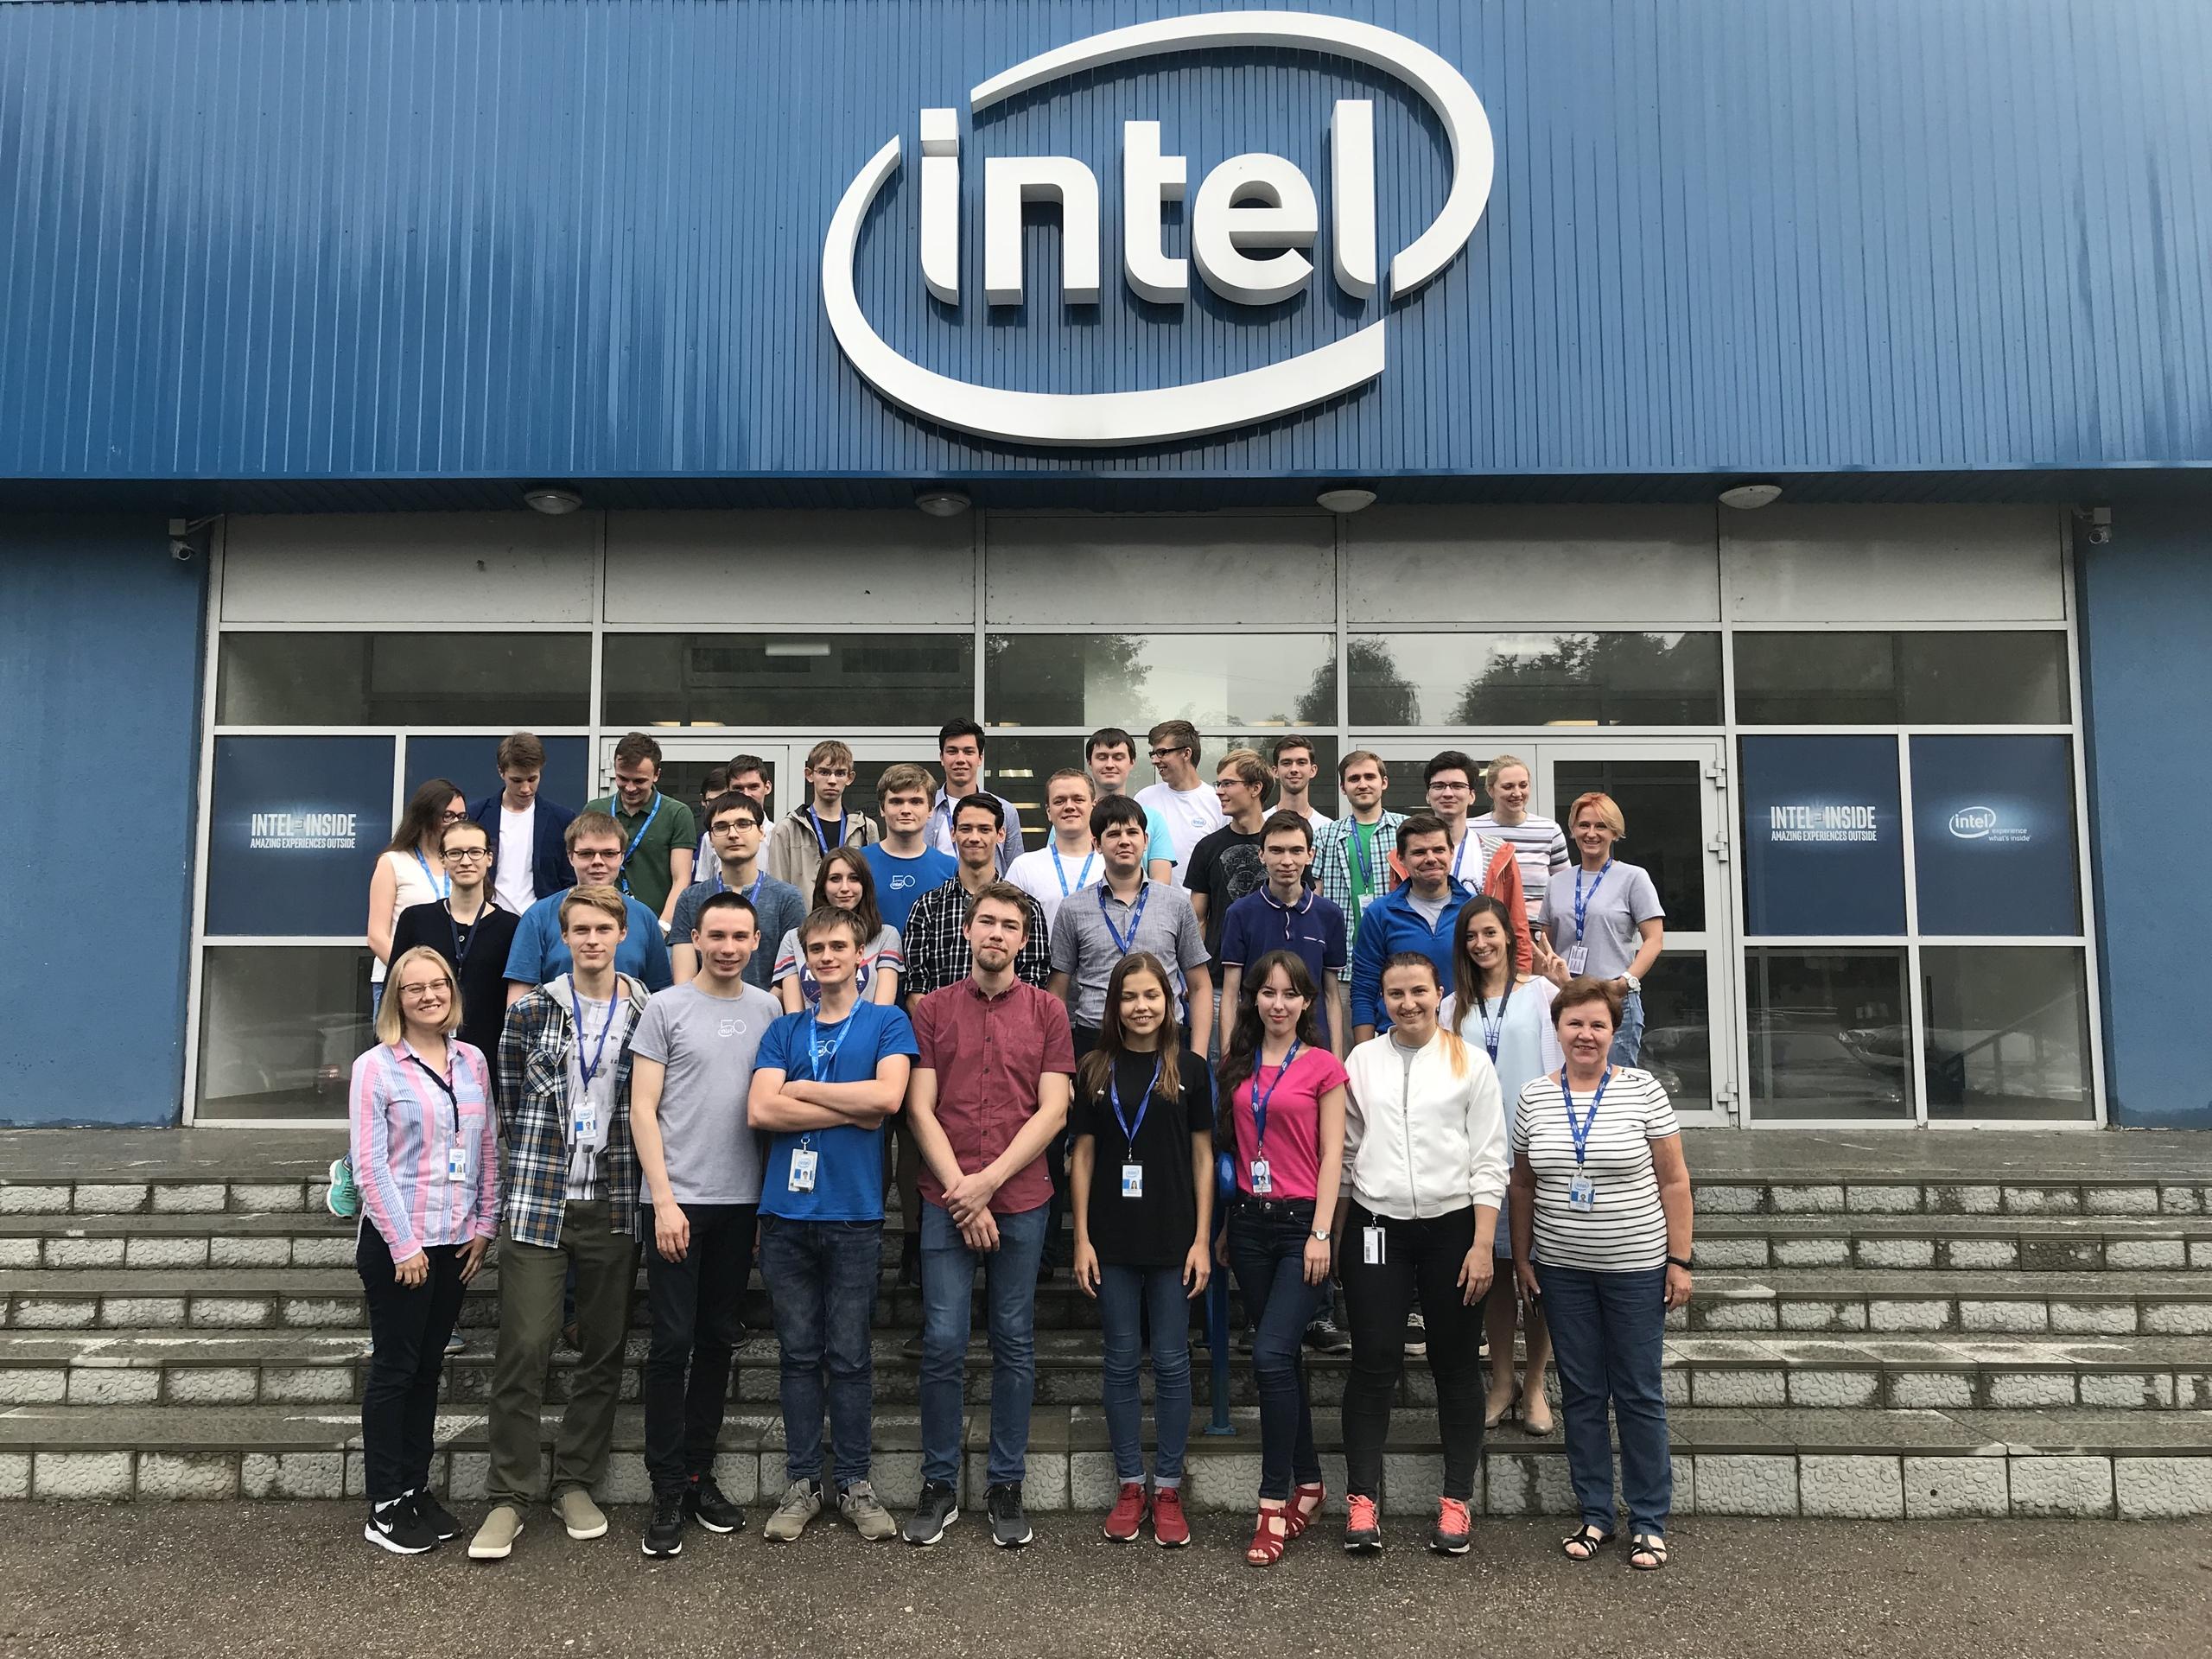 Intel Summer Internship